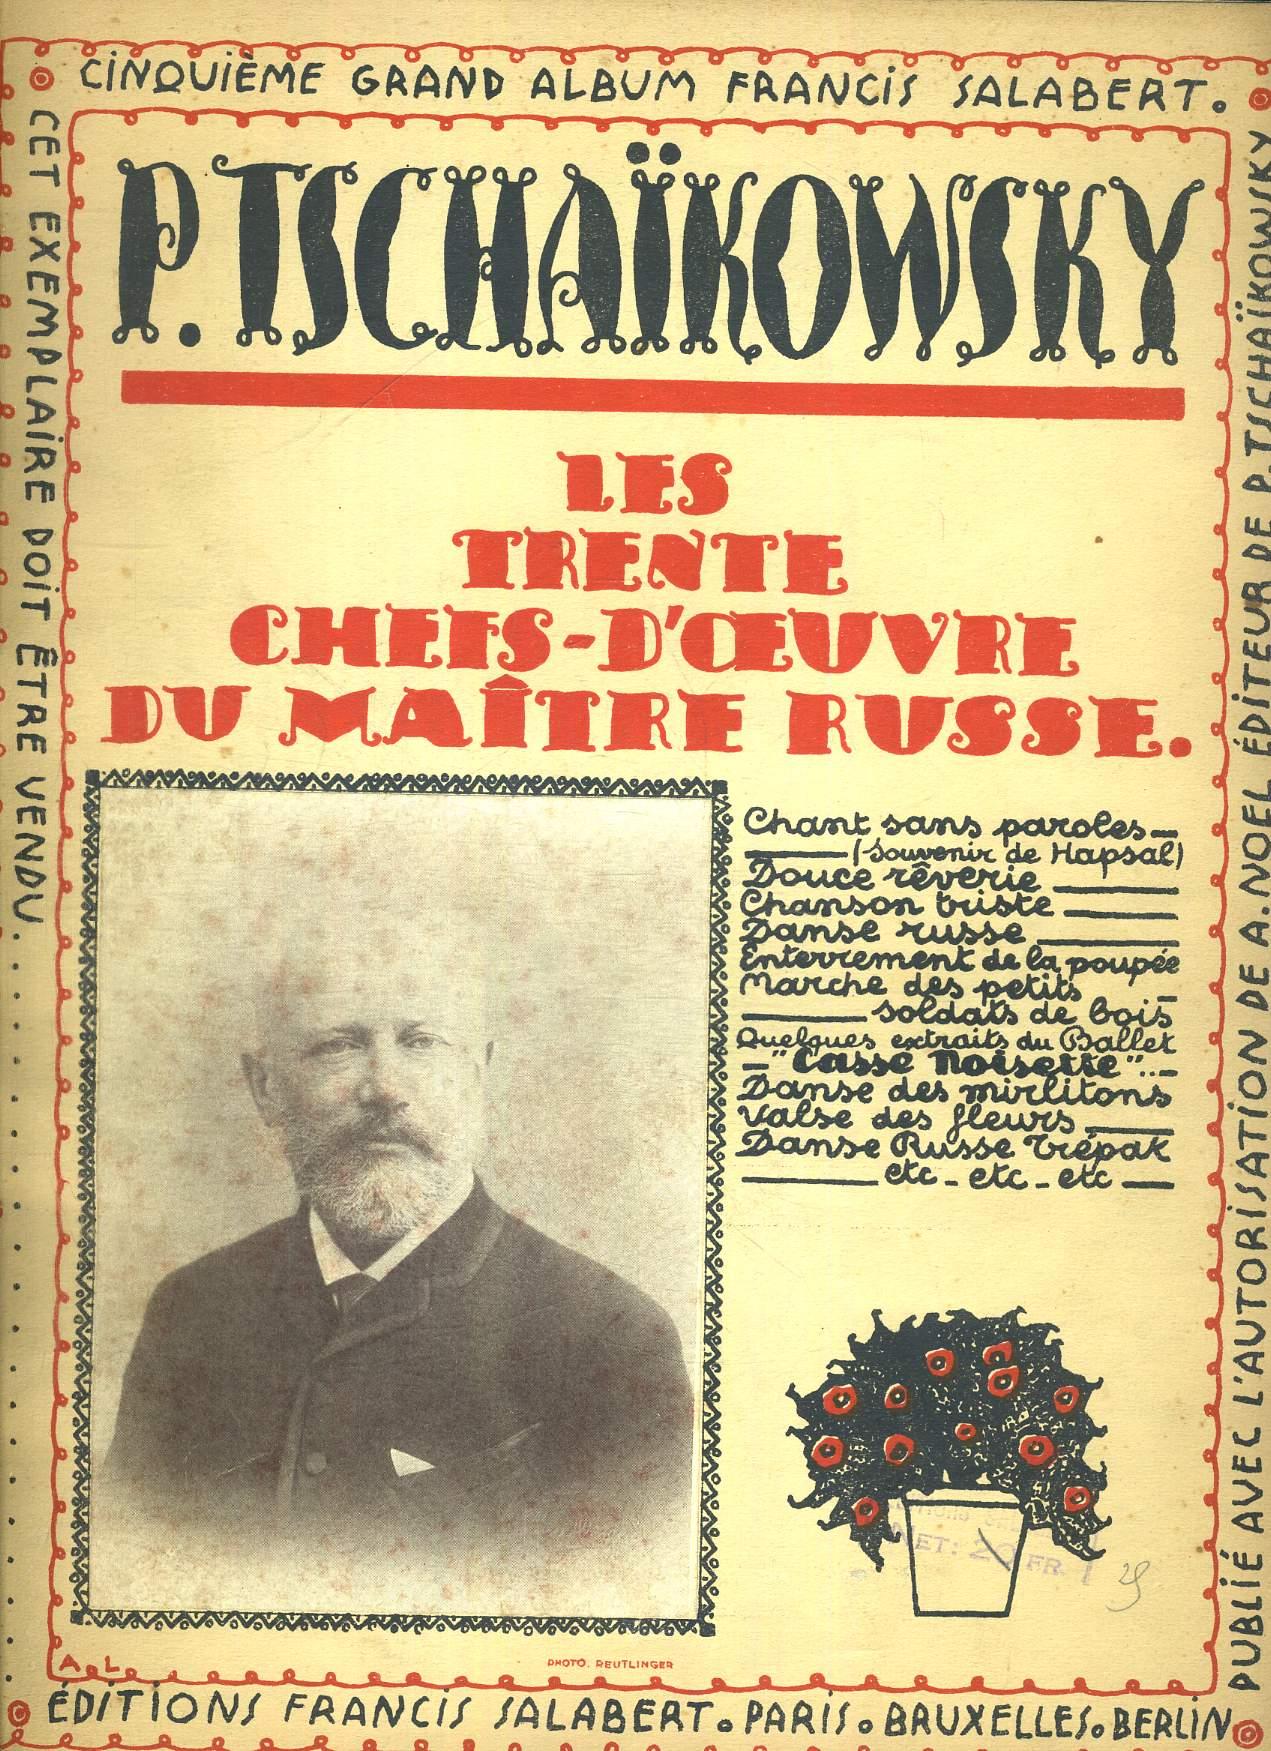 P. TCHAIKOWSKY. LES TRENTE CHEFS D OEUVRE DU MAITRE RUSSE. CINQUIEME GRAND ALBUM FRANCIS SALABERT